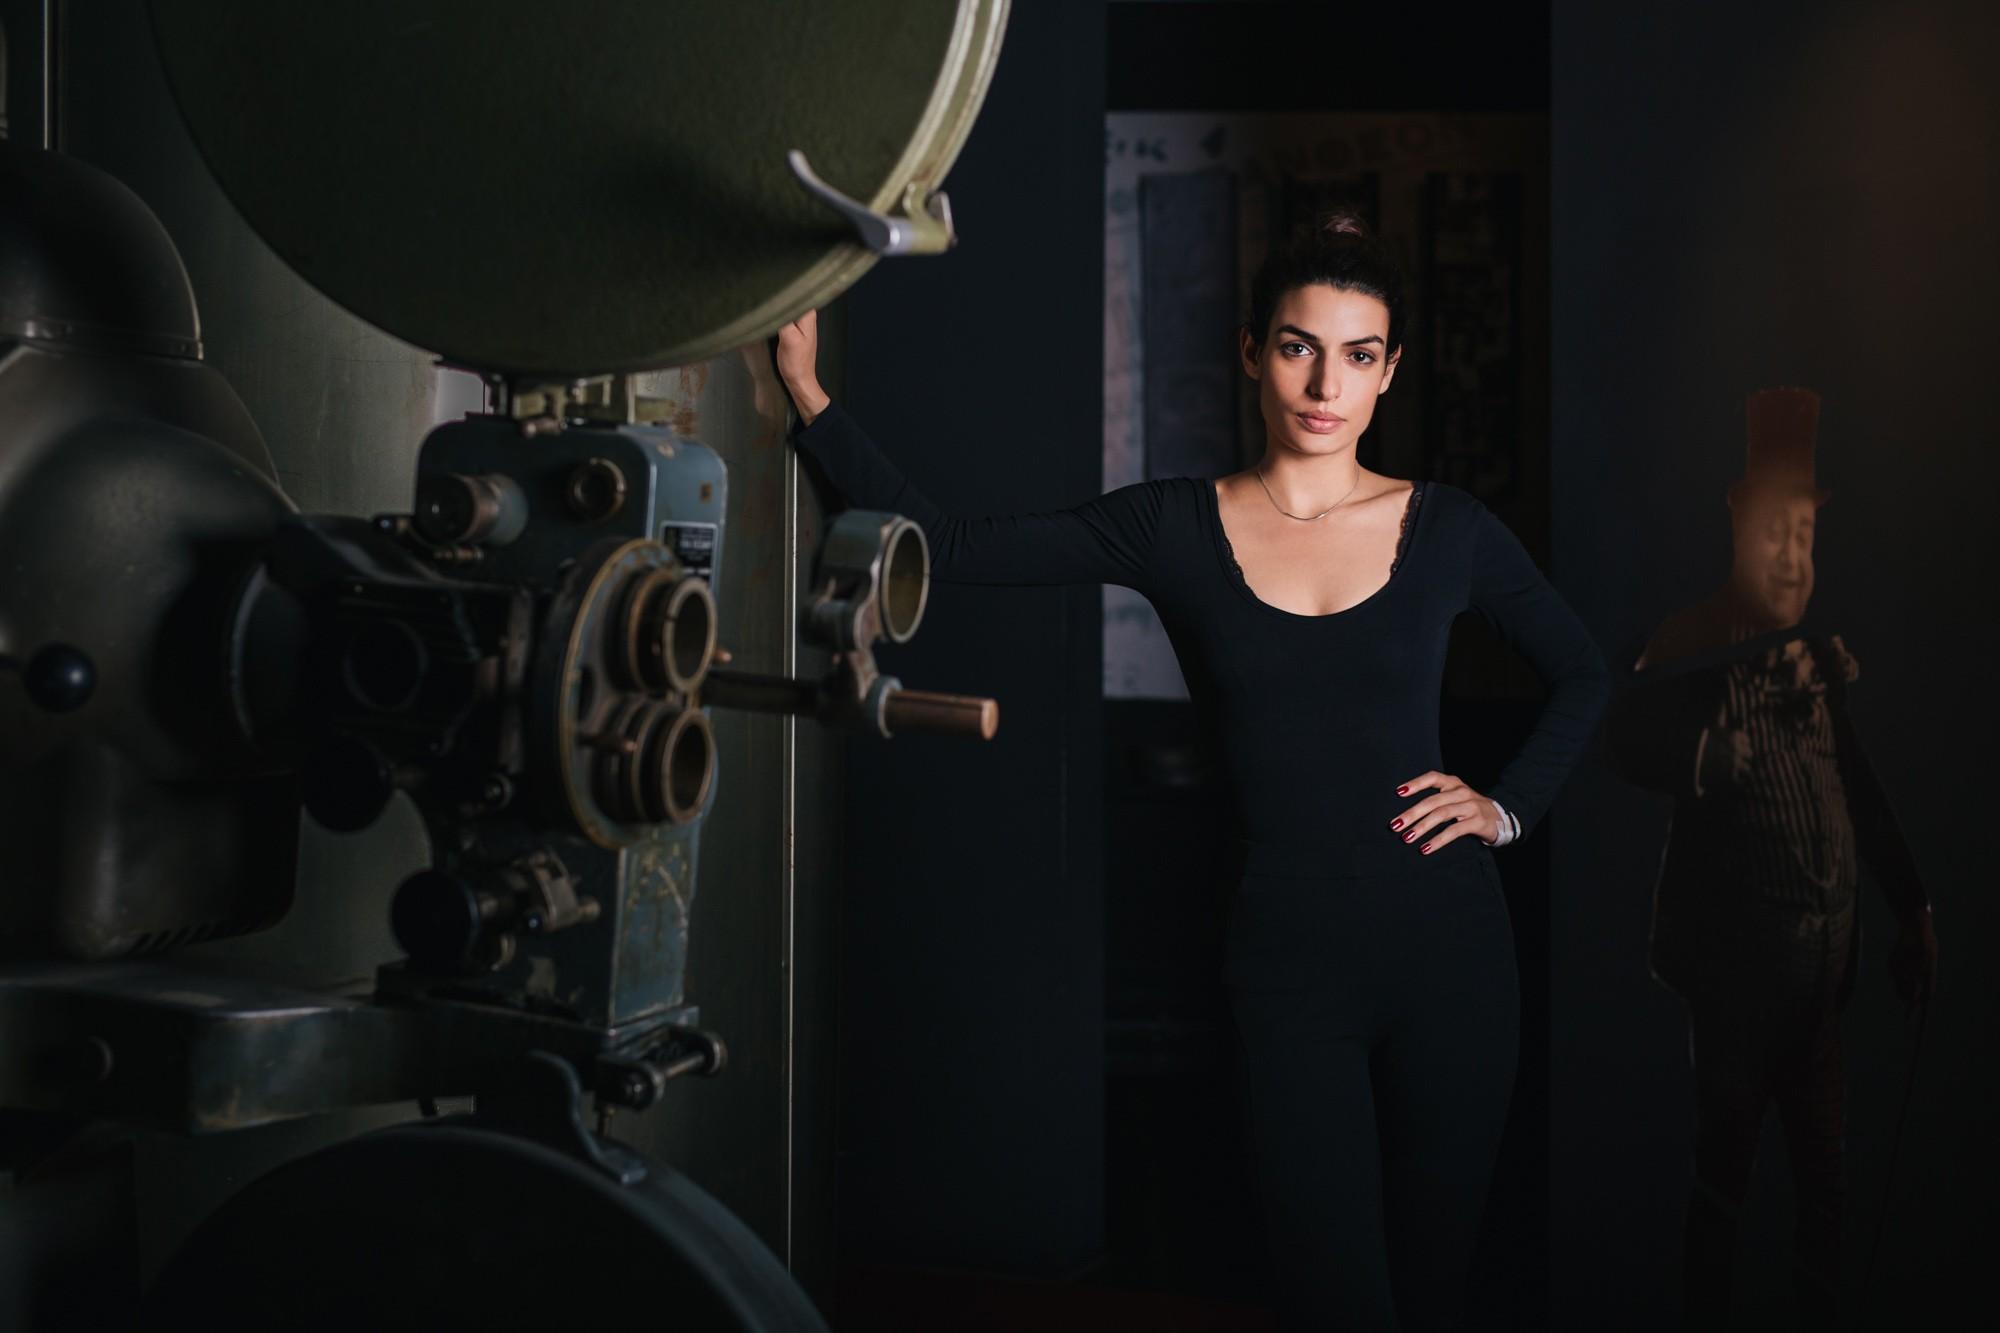 Επαγγελματικές Φωτογραφήσεις Πορτραίτων  | Τόνια Σωτηροπούλου